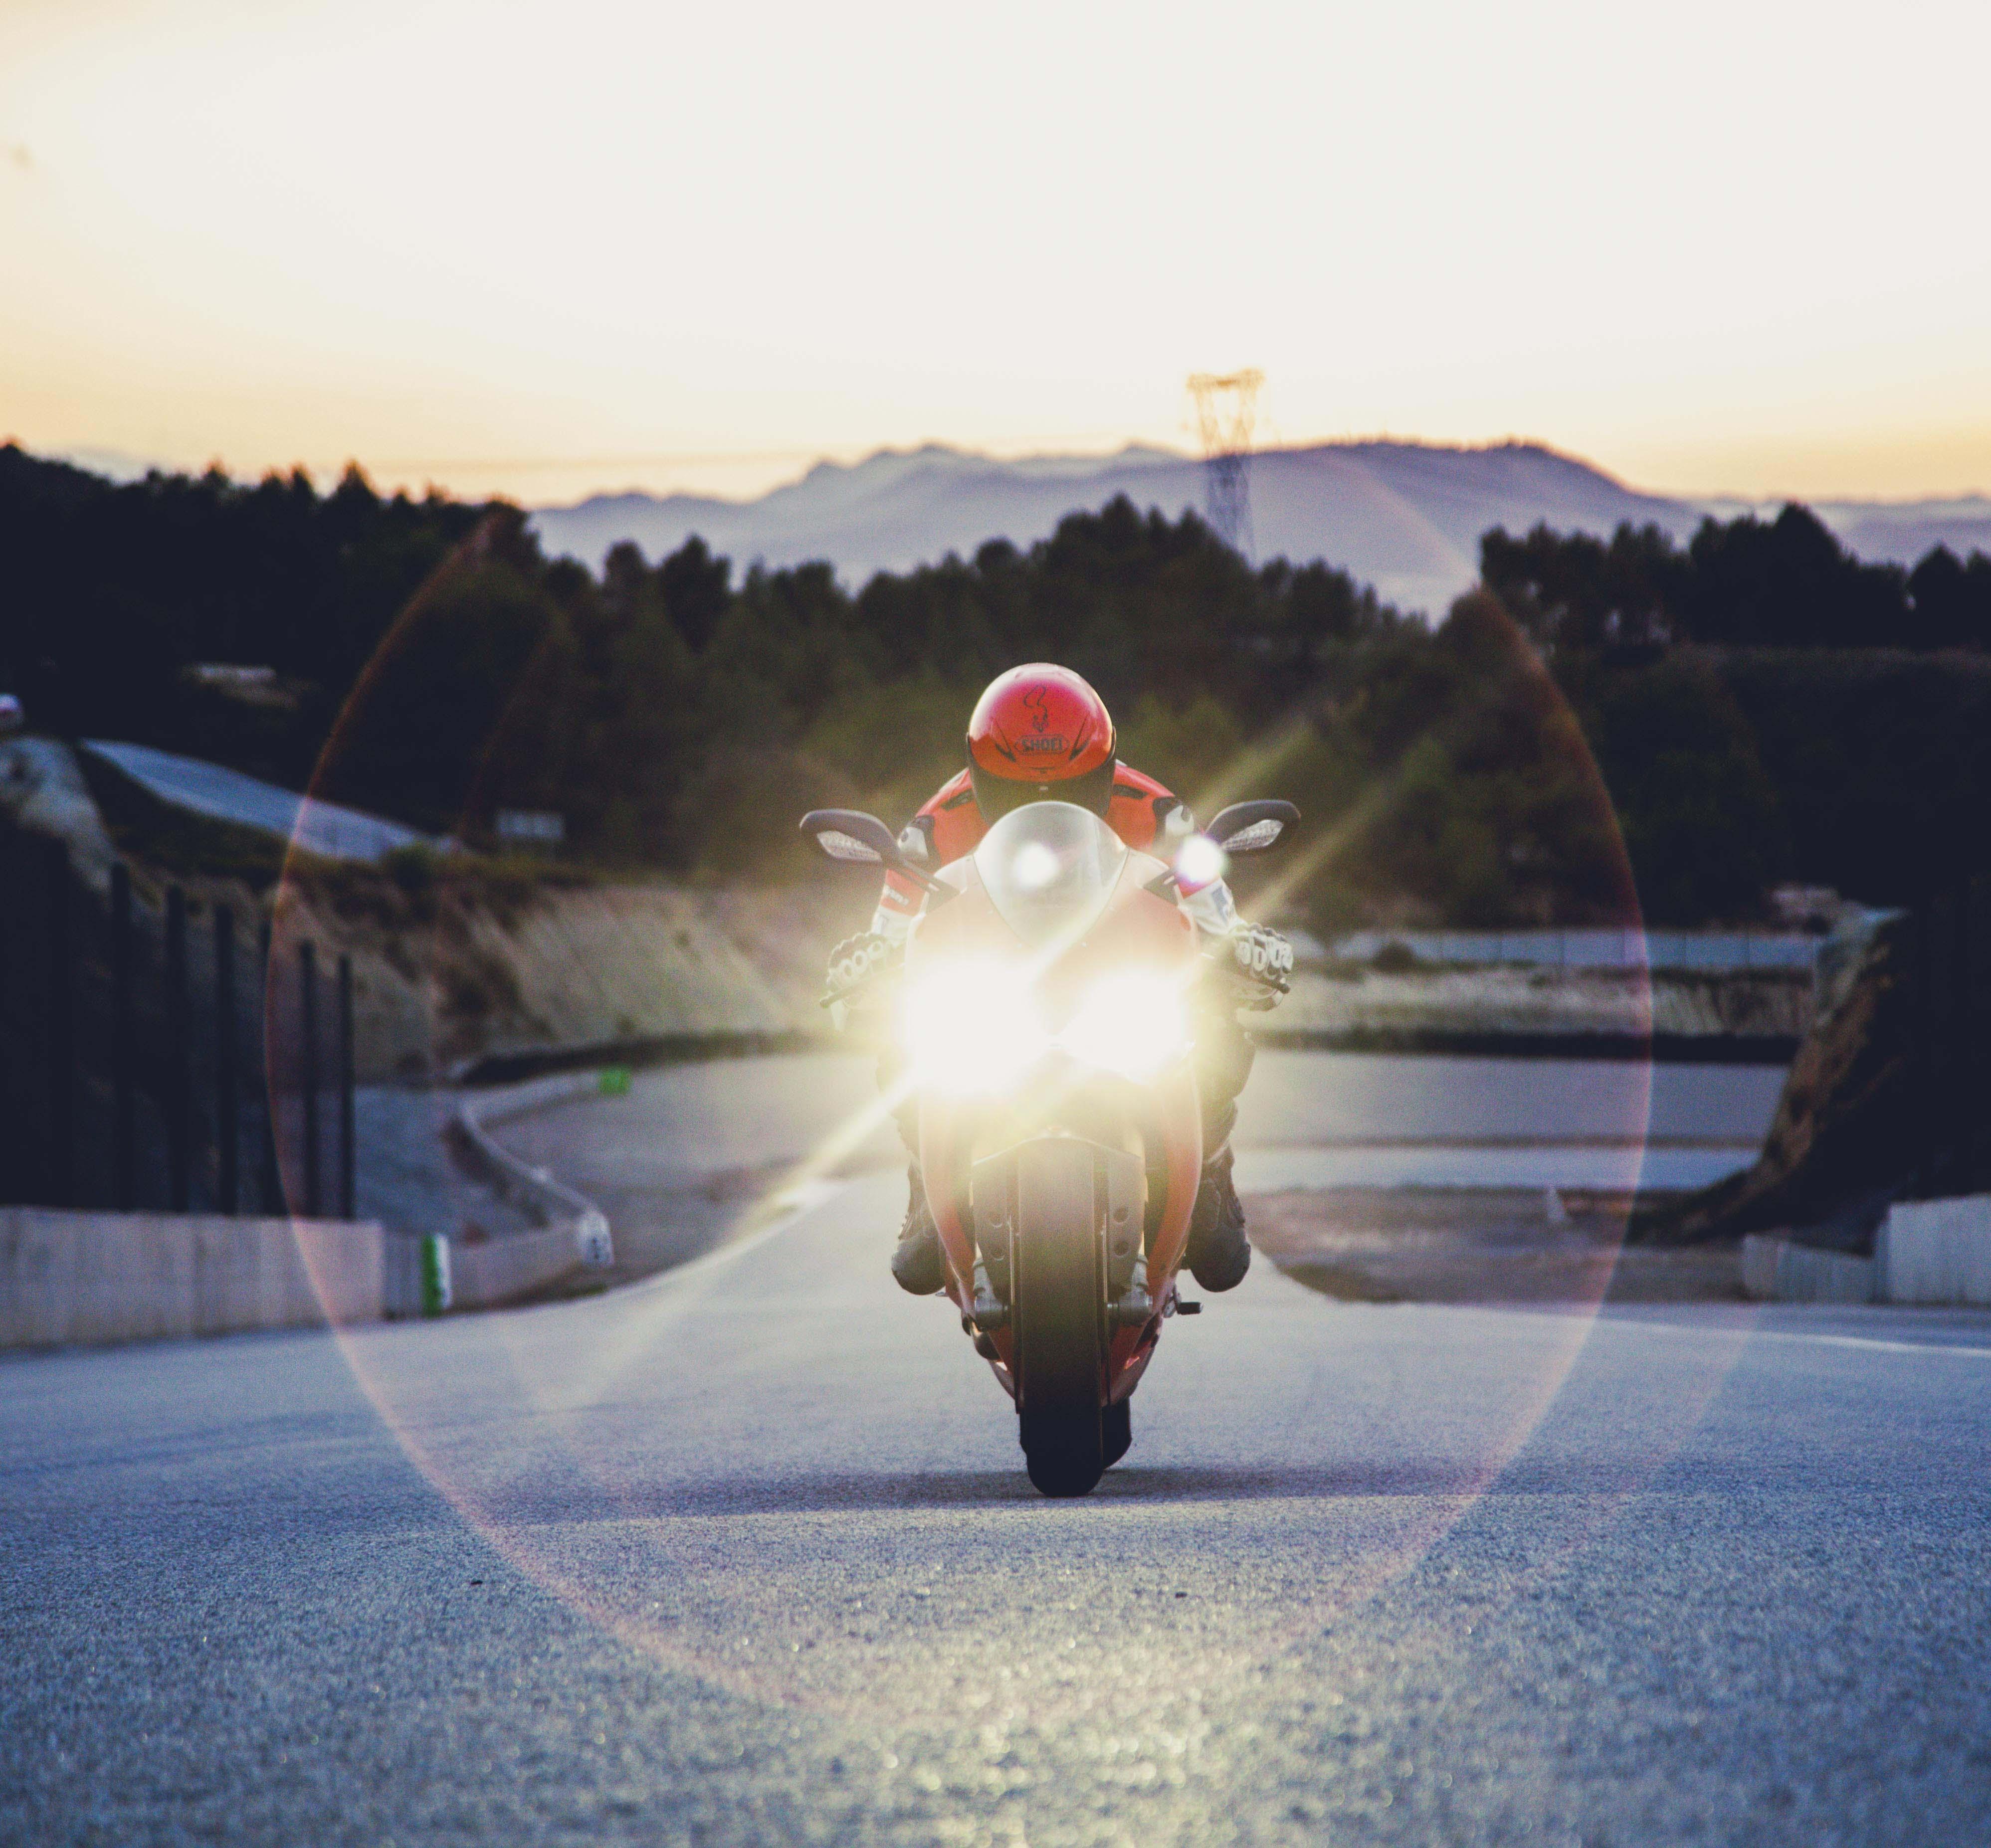 Motos.net Ducati Panigale shooting…